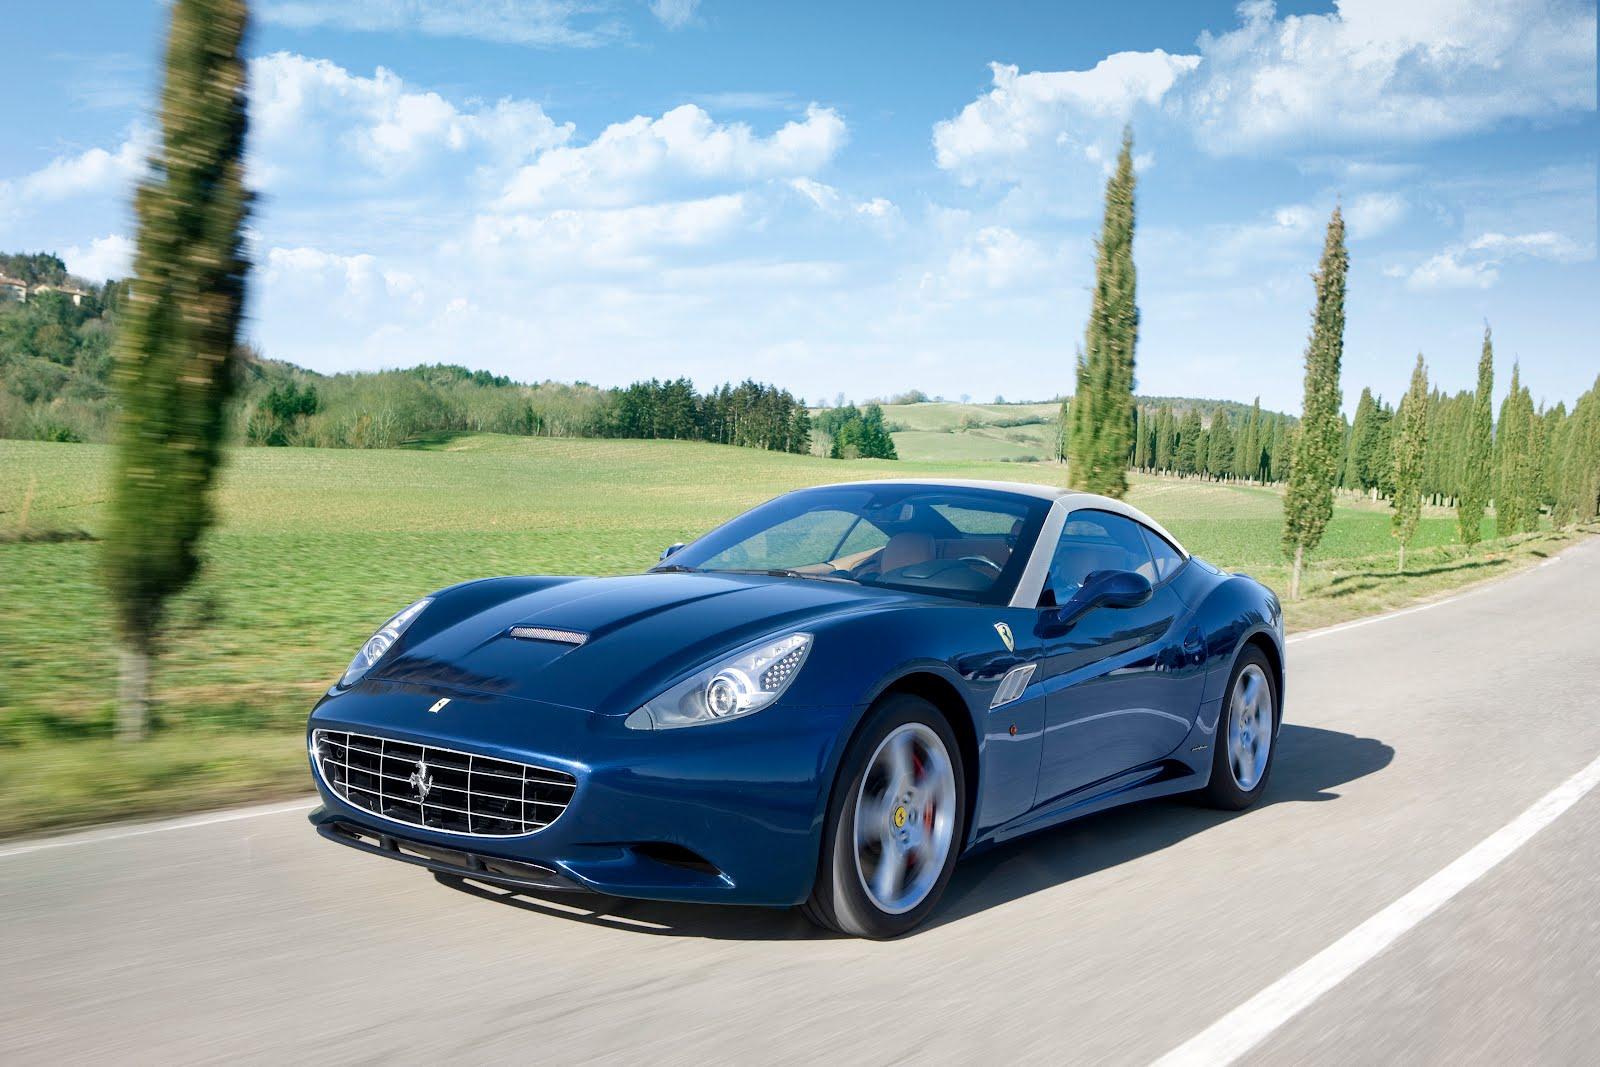 http://4.bp.blogspot.com/-gtQ5fJTkIQM/TzzO-lO_Z-I/AAAAAAAAfuk/rzGhg4P2z4Y/s1600/Ferrari%2BCalifornia_01.jpg